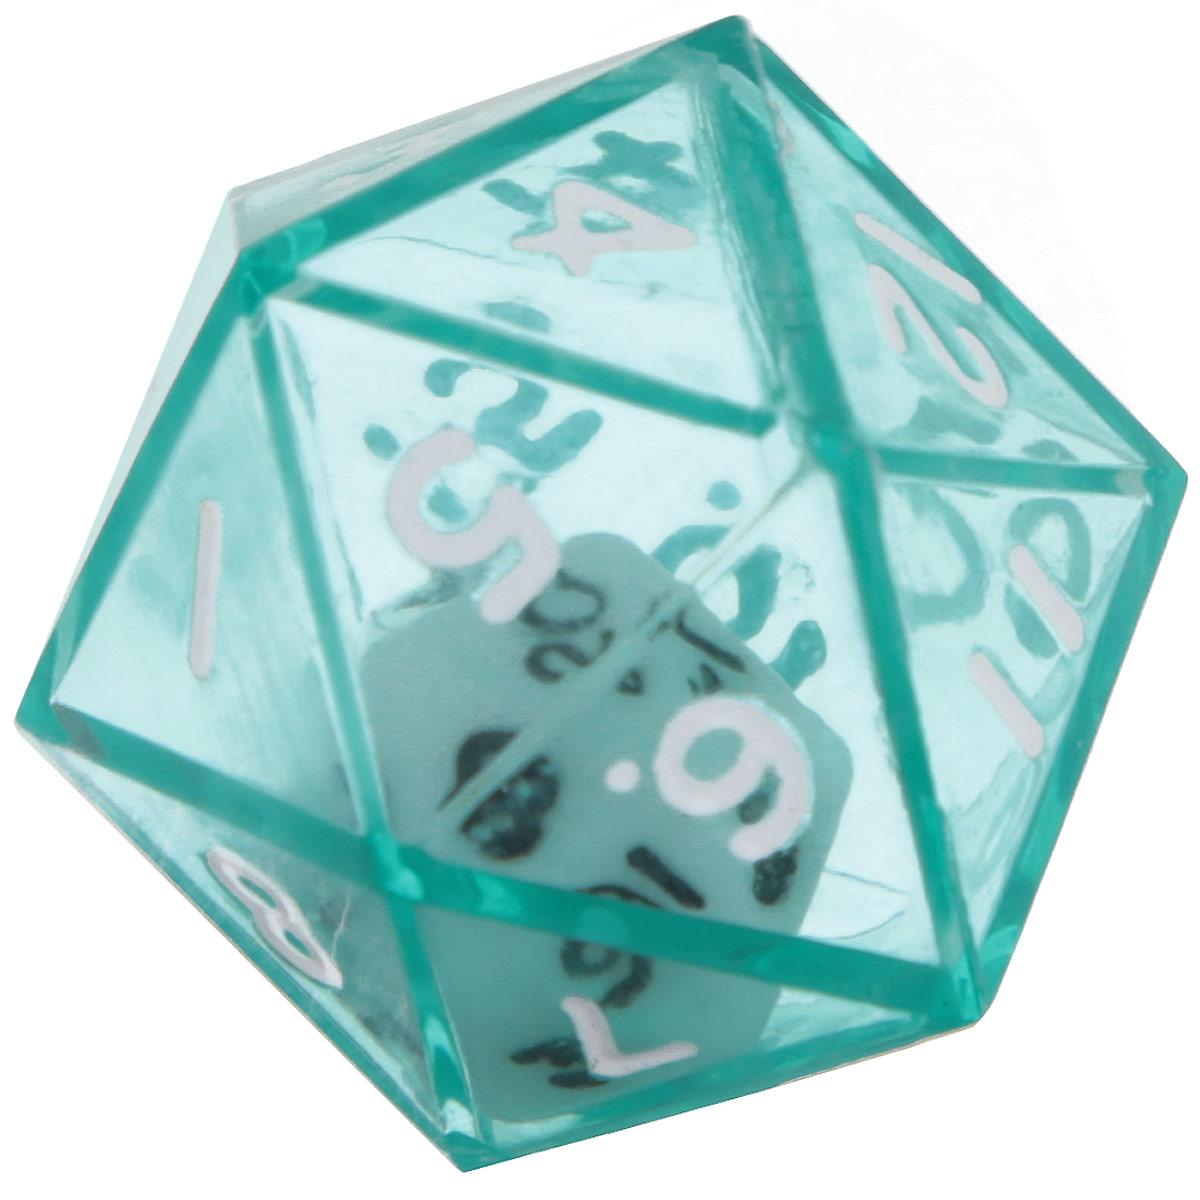 Koplow Games Кость игральная D20 в D20 цвет зеленый12470_зеленыйИгральная кость D20 в D20 состоит из прозрачной кости D20 с такой же костью внутри. На каждую треугольную грань игральной кости нанесены числа числа от 1 до 20. Целью игральной кости является демонстрация случайно определенного числа, каждое из которых является равновозможным благодаря правильной геометрической форме. Игральная кость выполнены из прочного пластика. Не рекомендуется детям до 3-х лет.